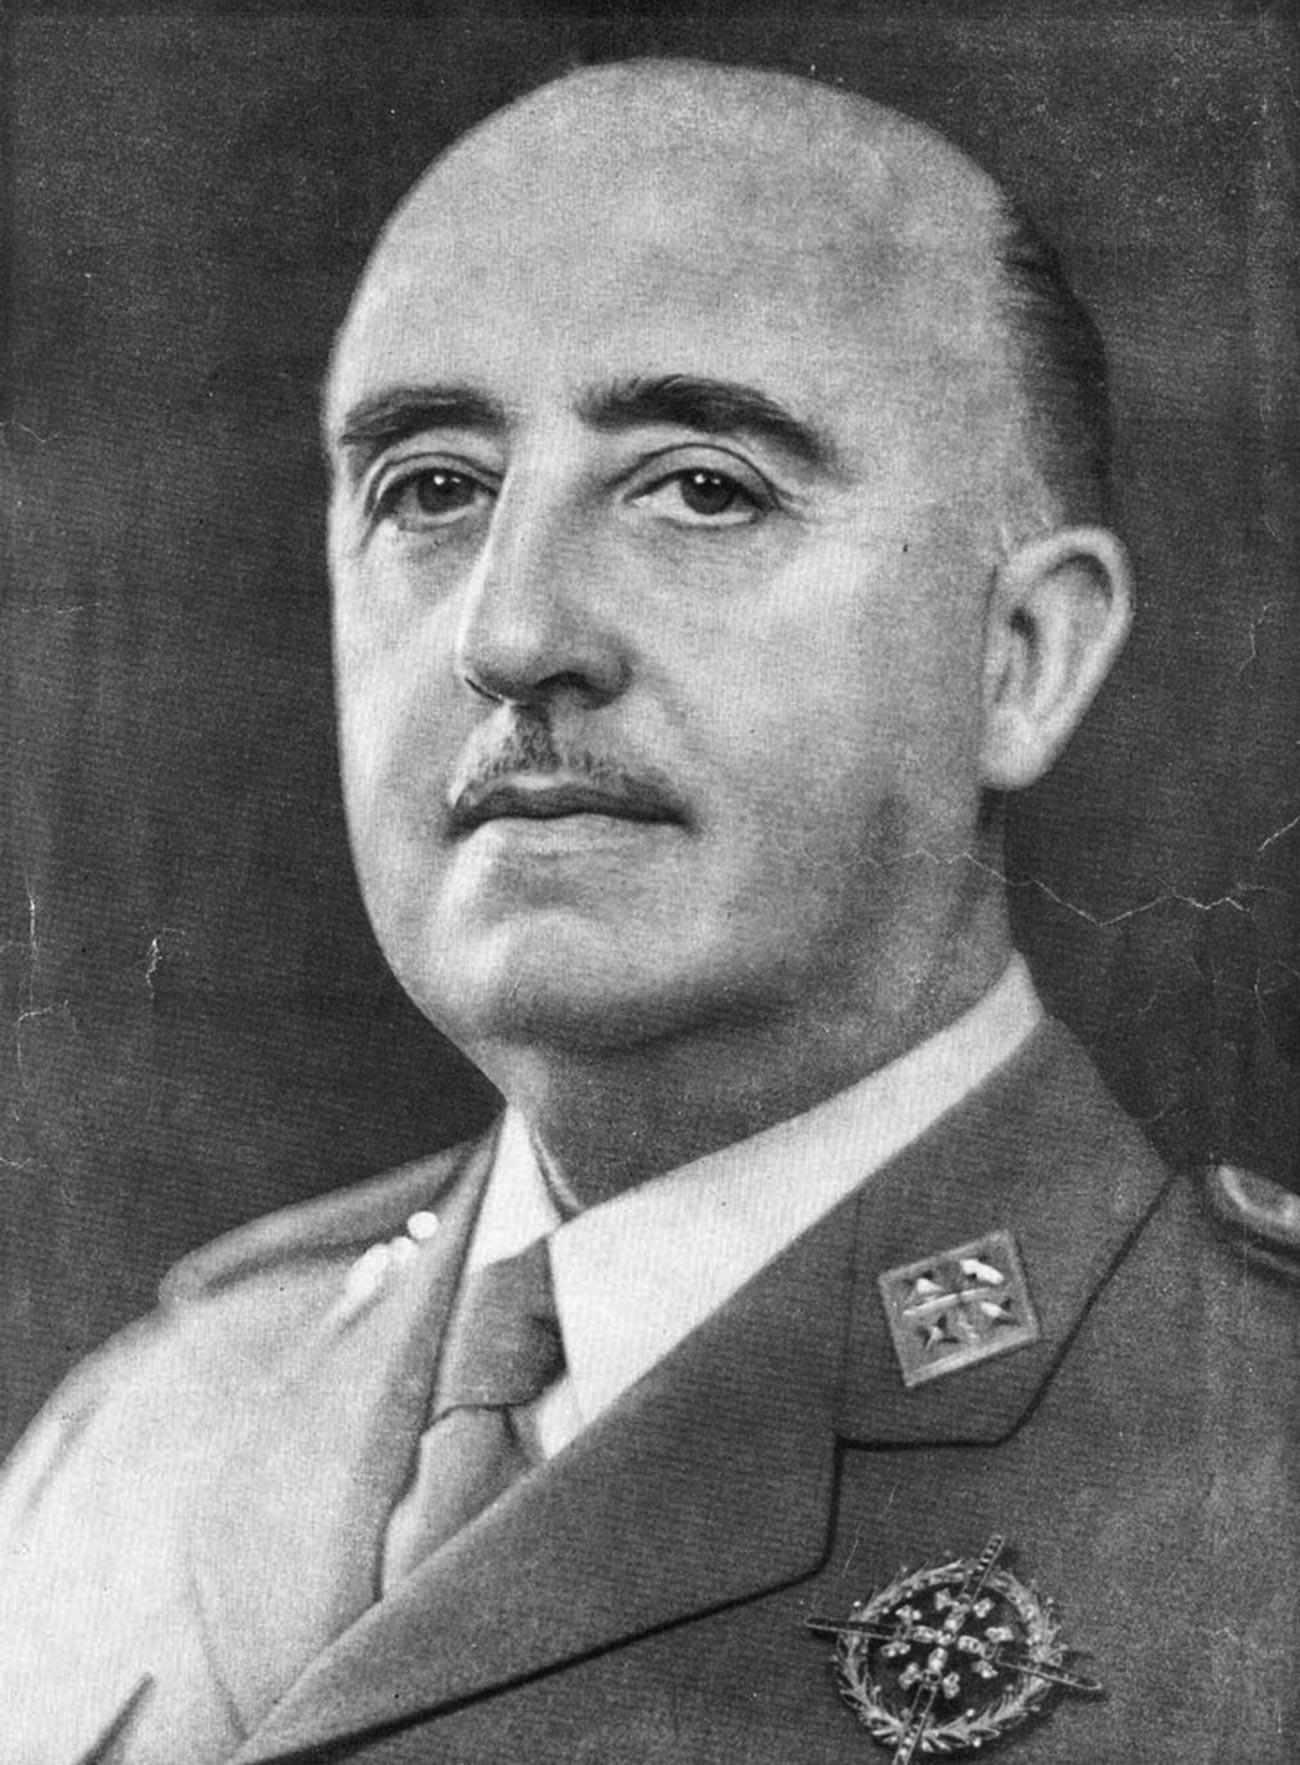 Francisco Franco (1892-1975), generale e caudillo della Spagna